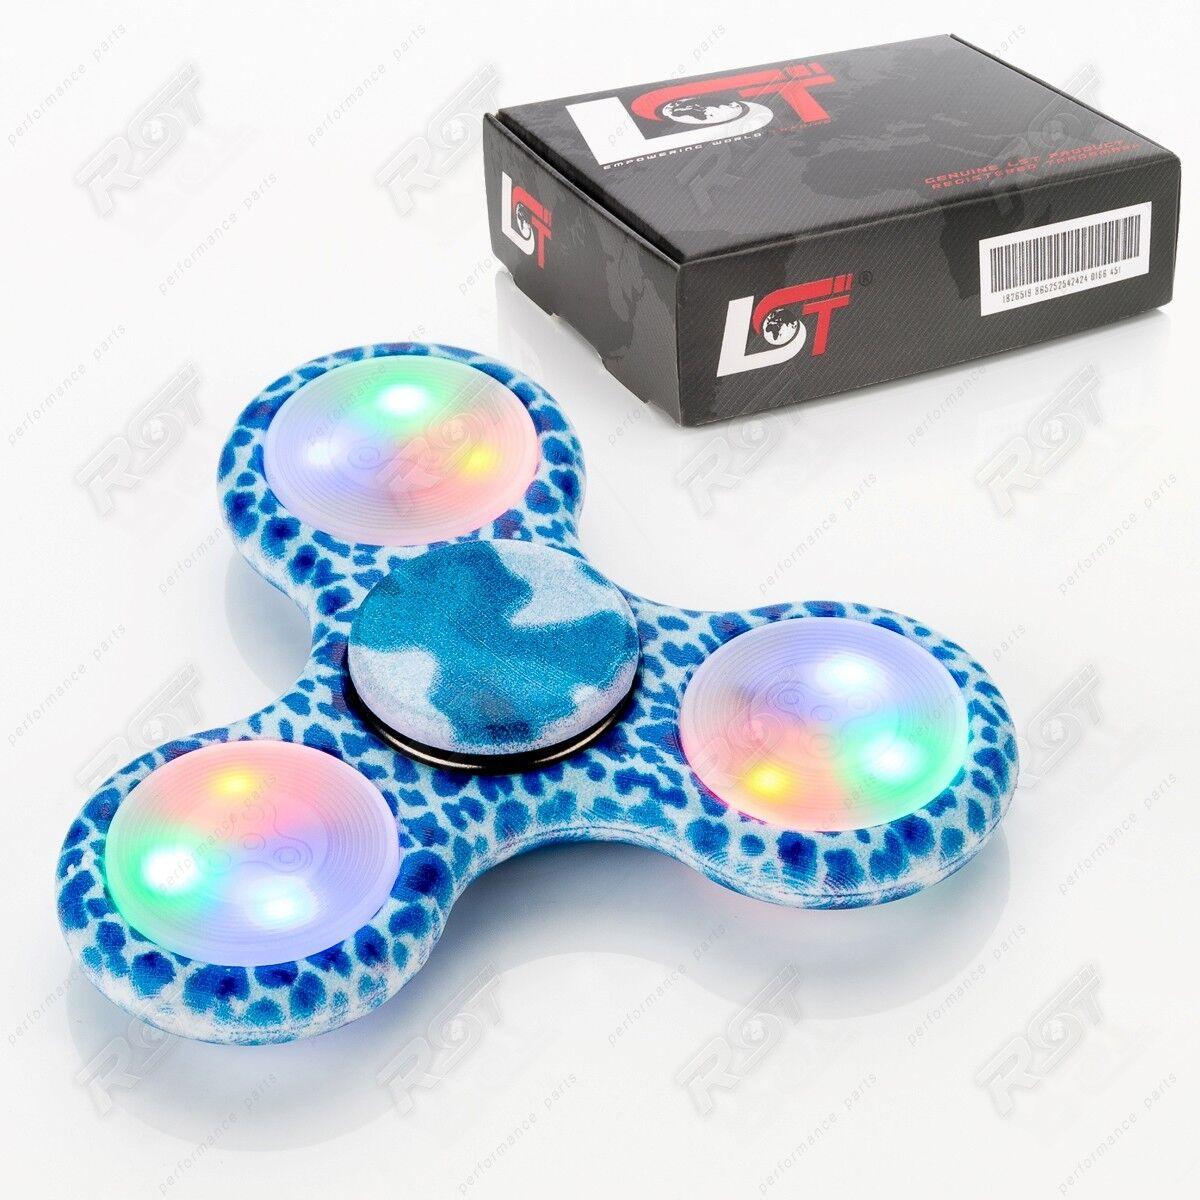 フィジースピナーリラクゼーションADHD指ジャイロアンチストレス斑点青LED